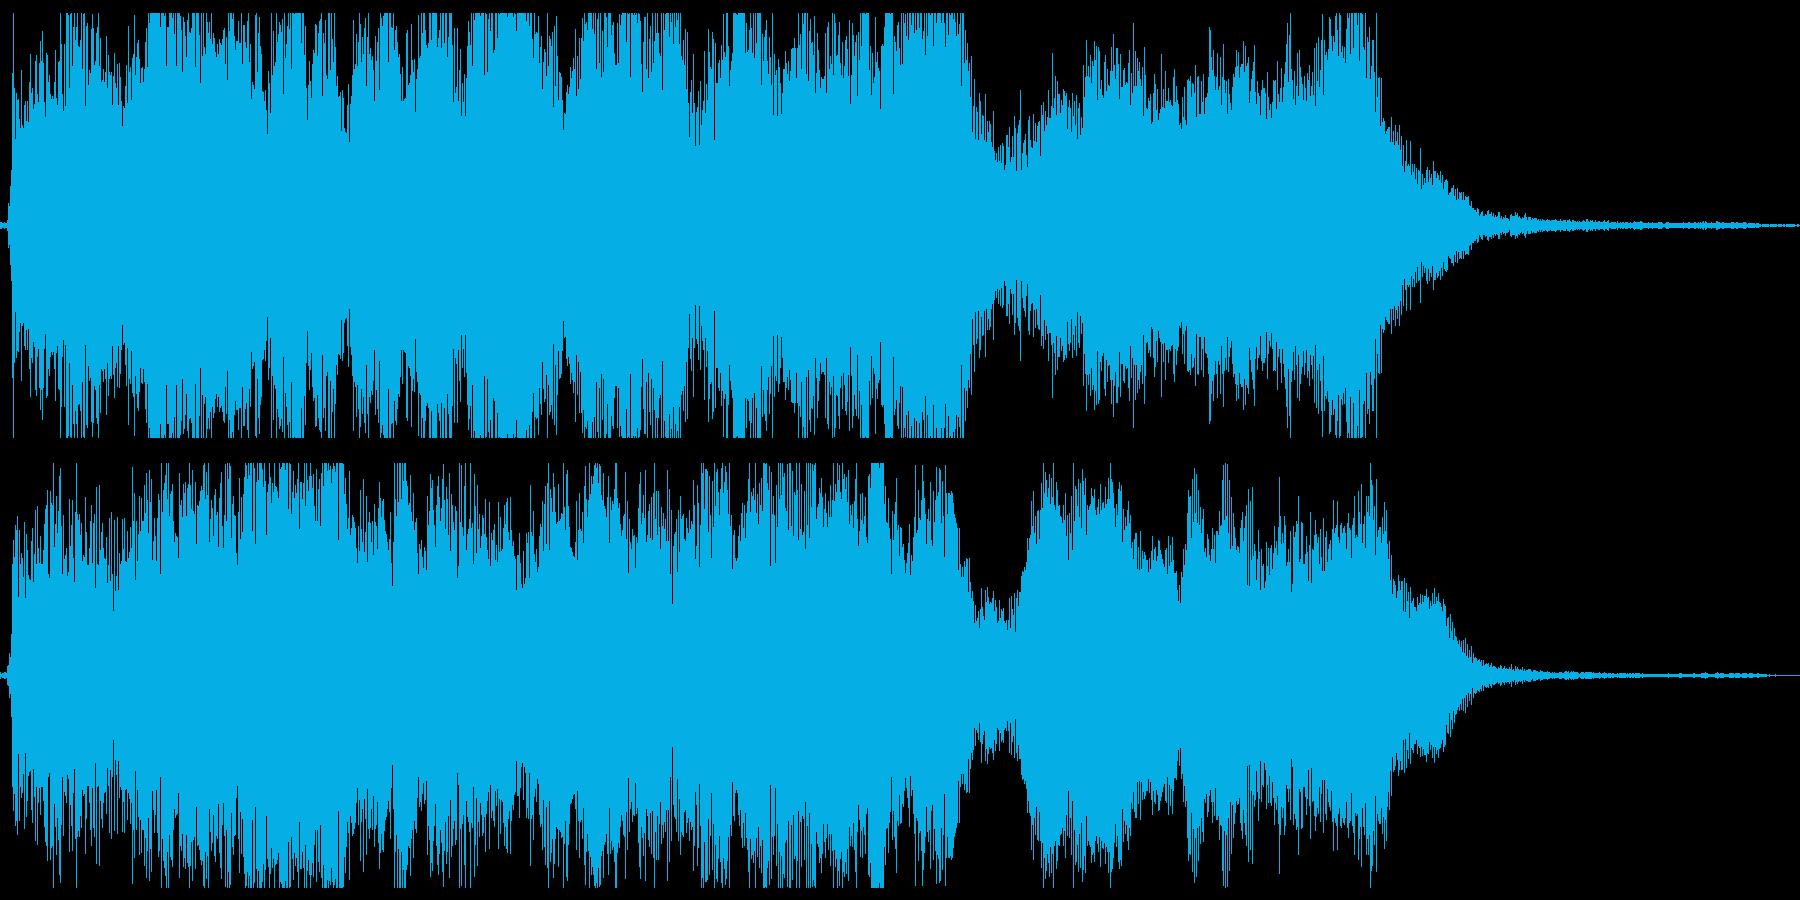 和風オーケストラ:タイトルロゴ,ジングルの再生済みの波形